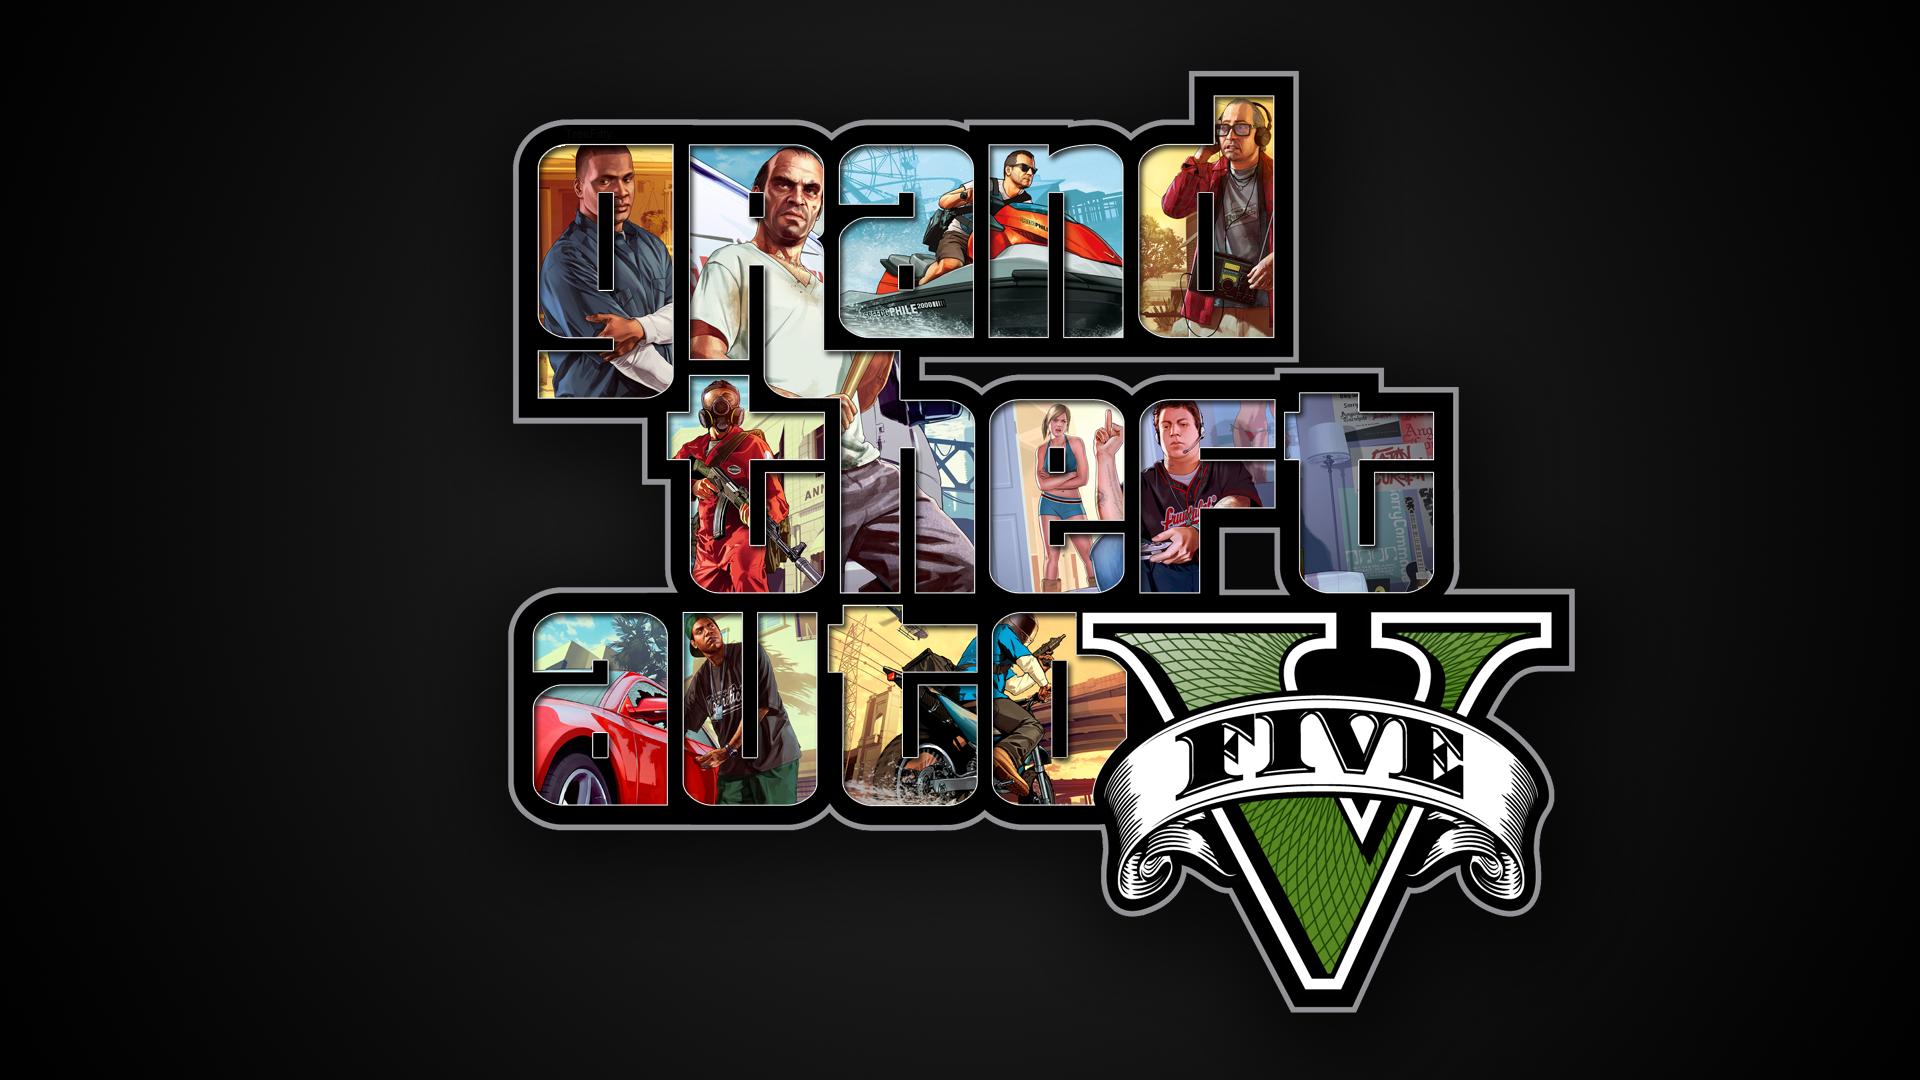 Gta v wallpaper by xtiiger on deviantart - Gta wallpaper download ...